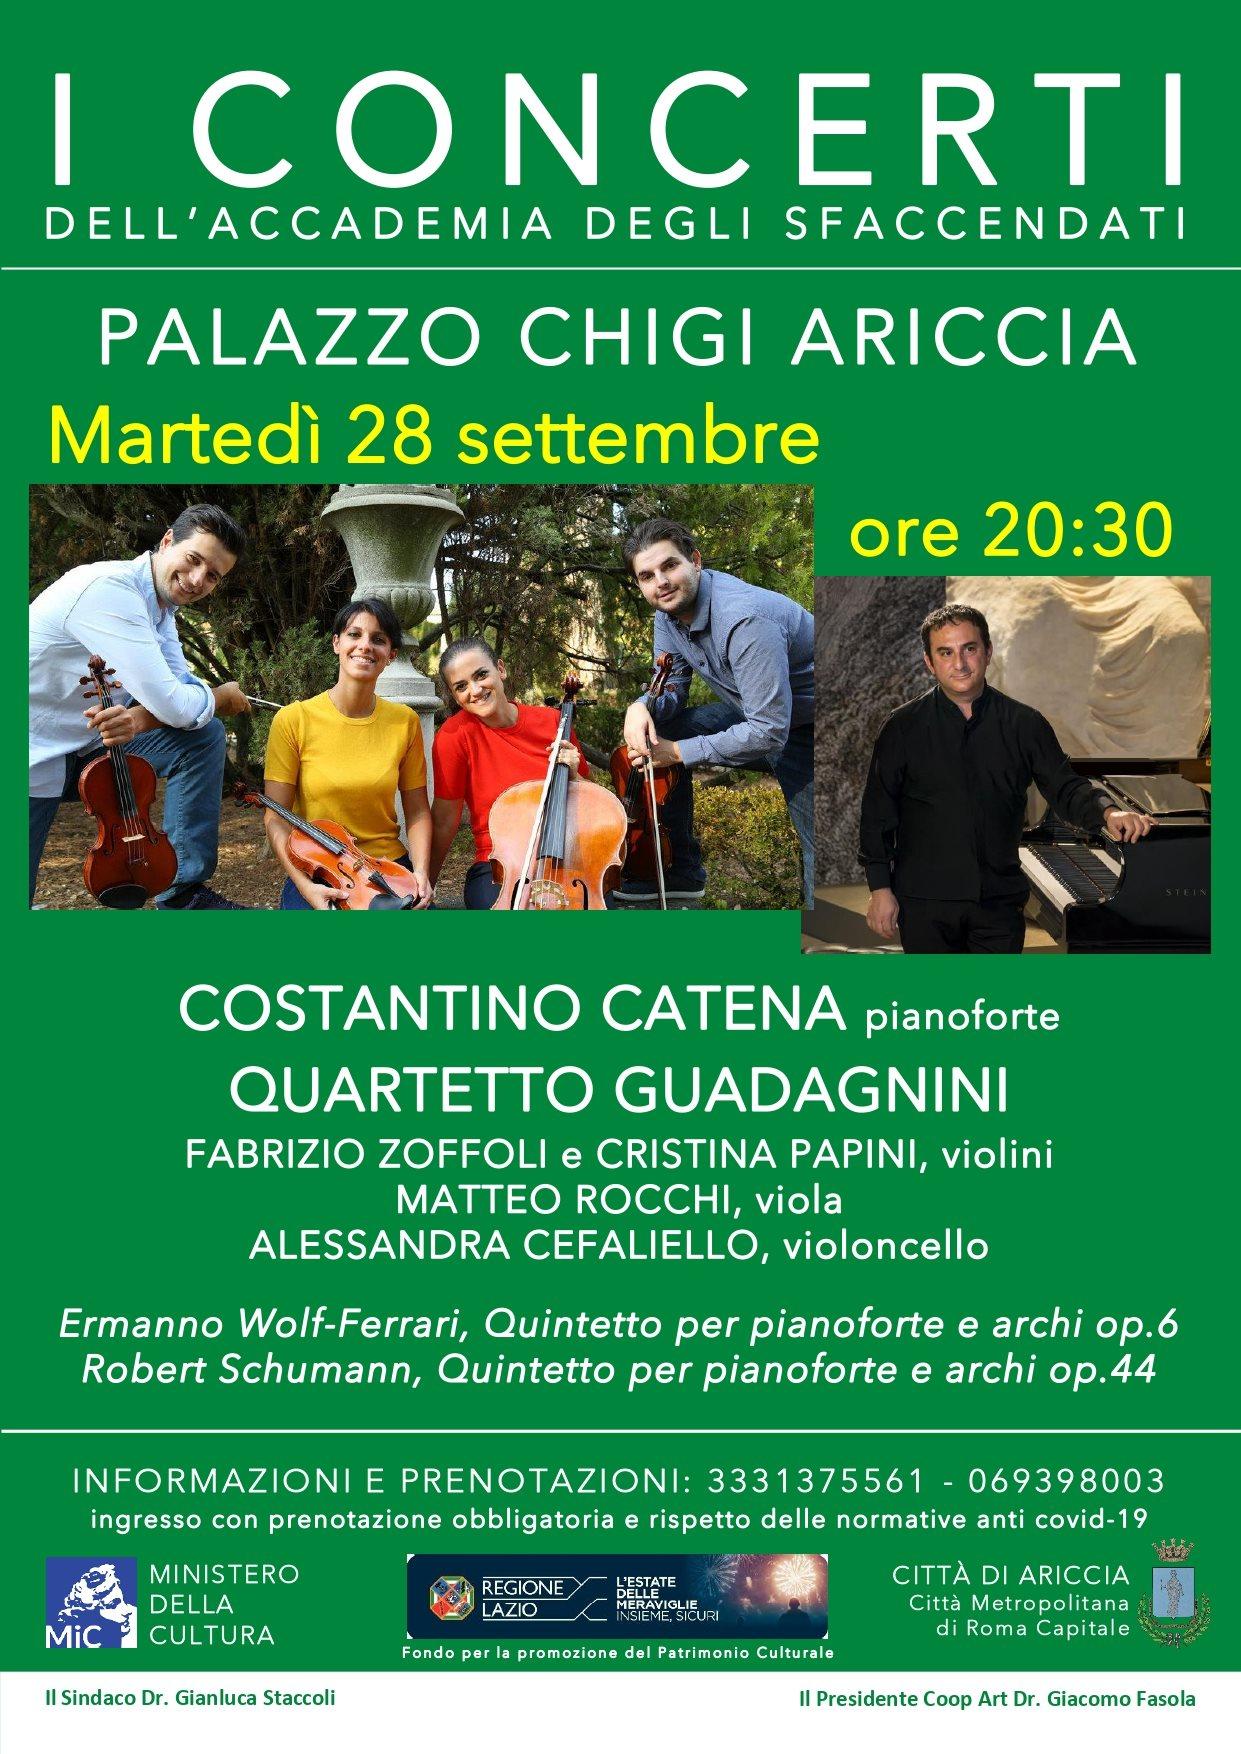 Ariccia, concerto Straordinario con Wolf-Ferrari e Schumann al Palazzo Chigi